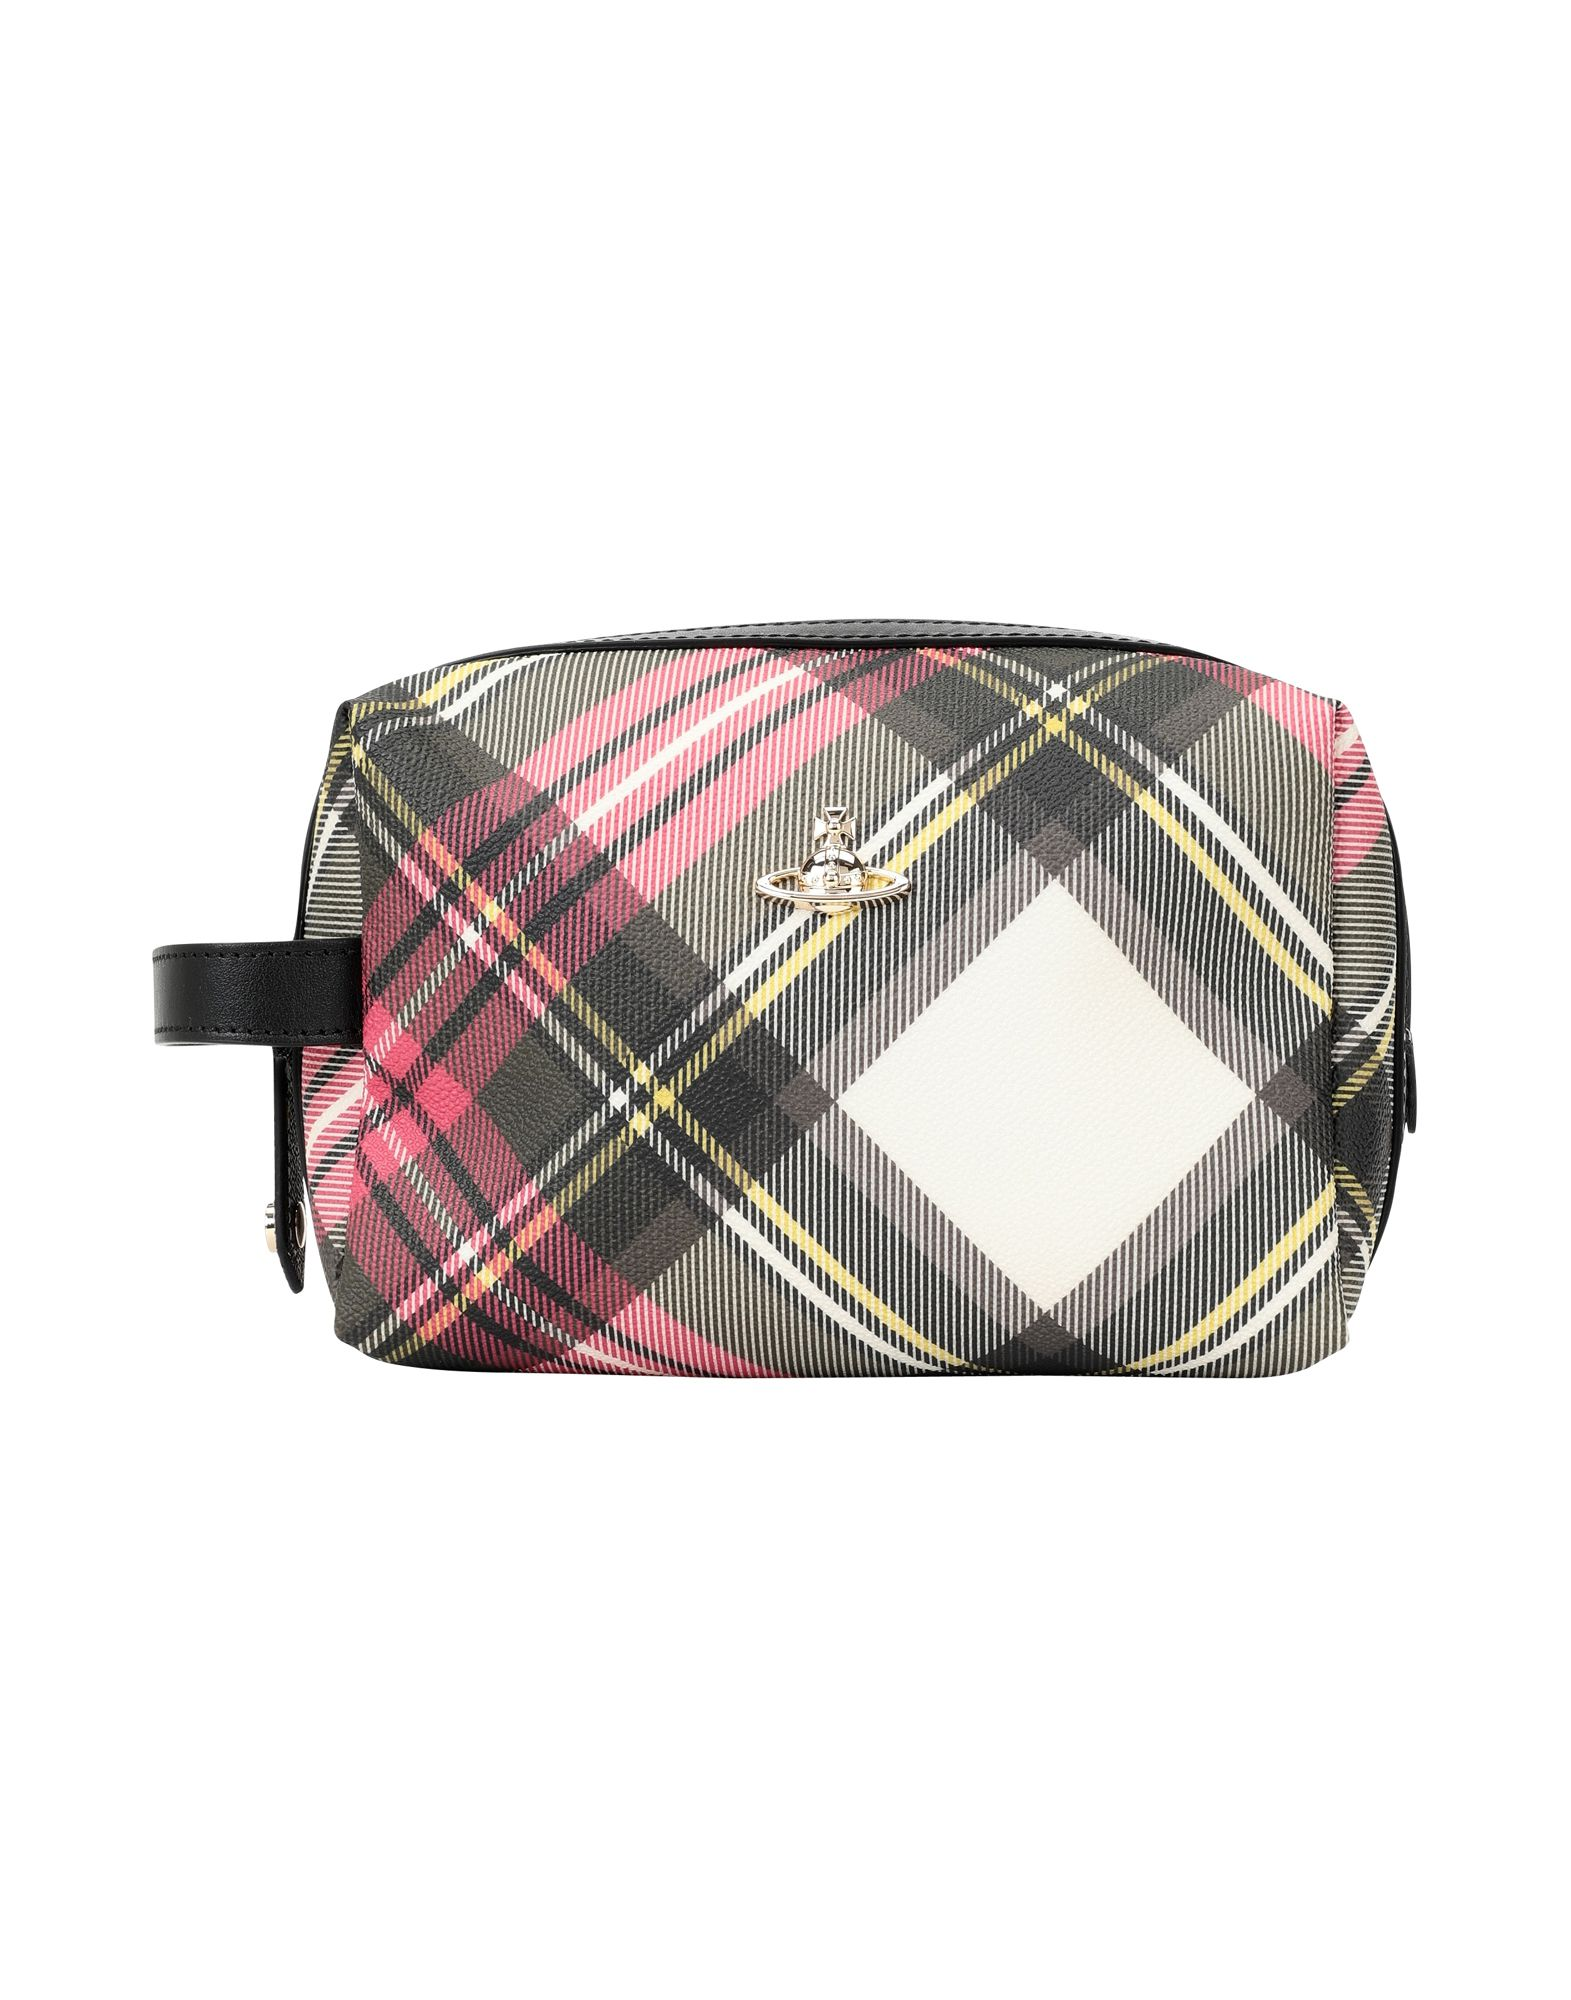 VIVIENNE WESTWOOD Beauty case kenzo beauty case